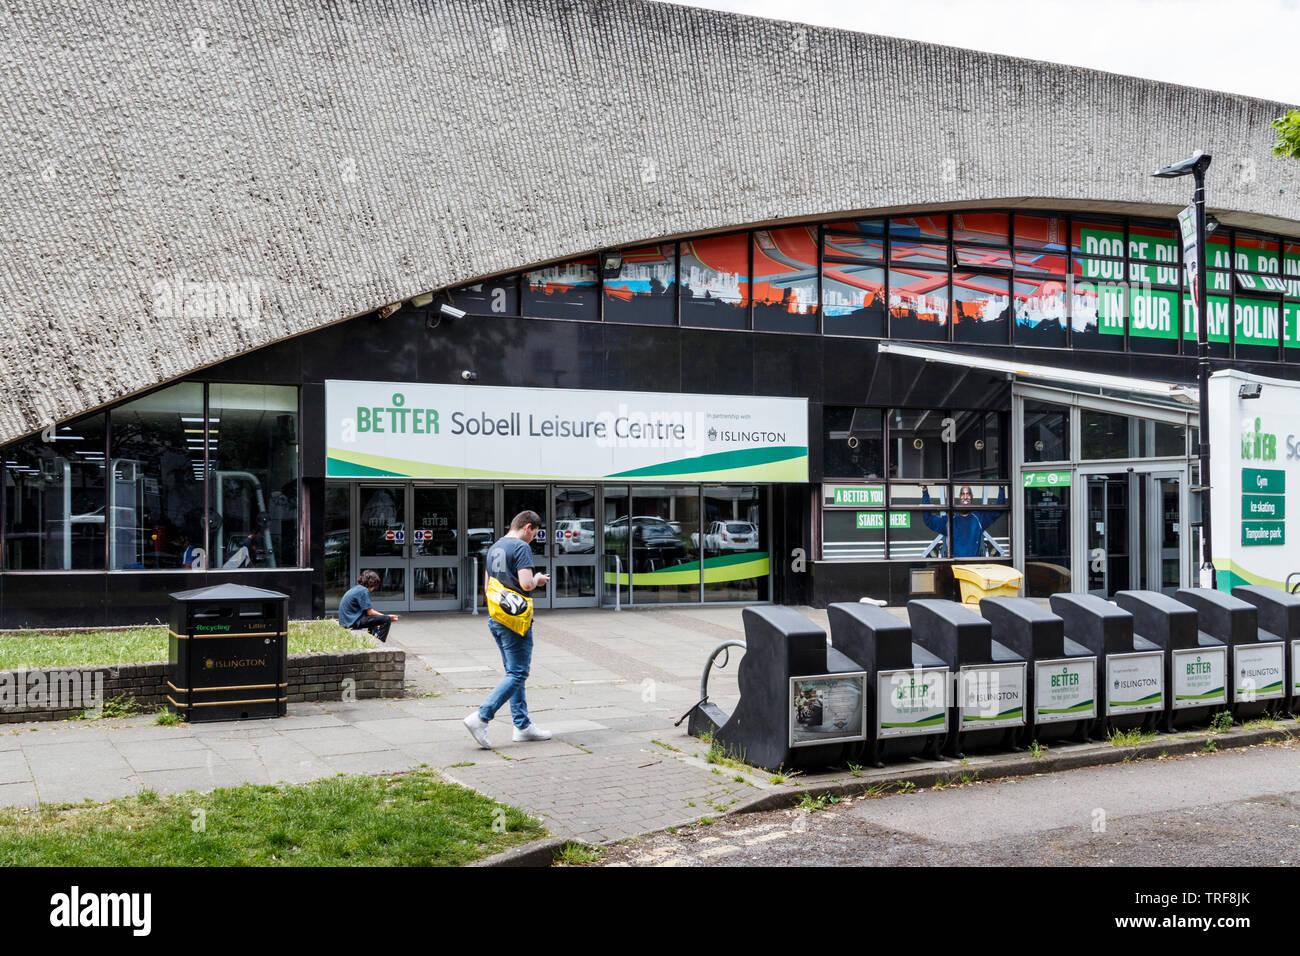 L'ingresso alla Sobell Leisure Centre in Islington, London, Regno Unito Immagini Stock